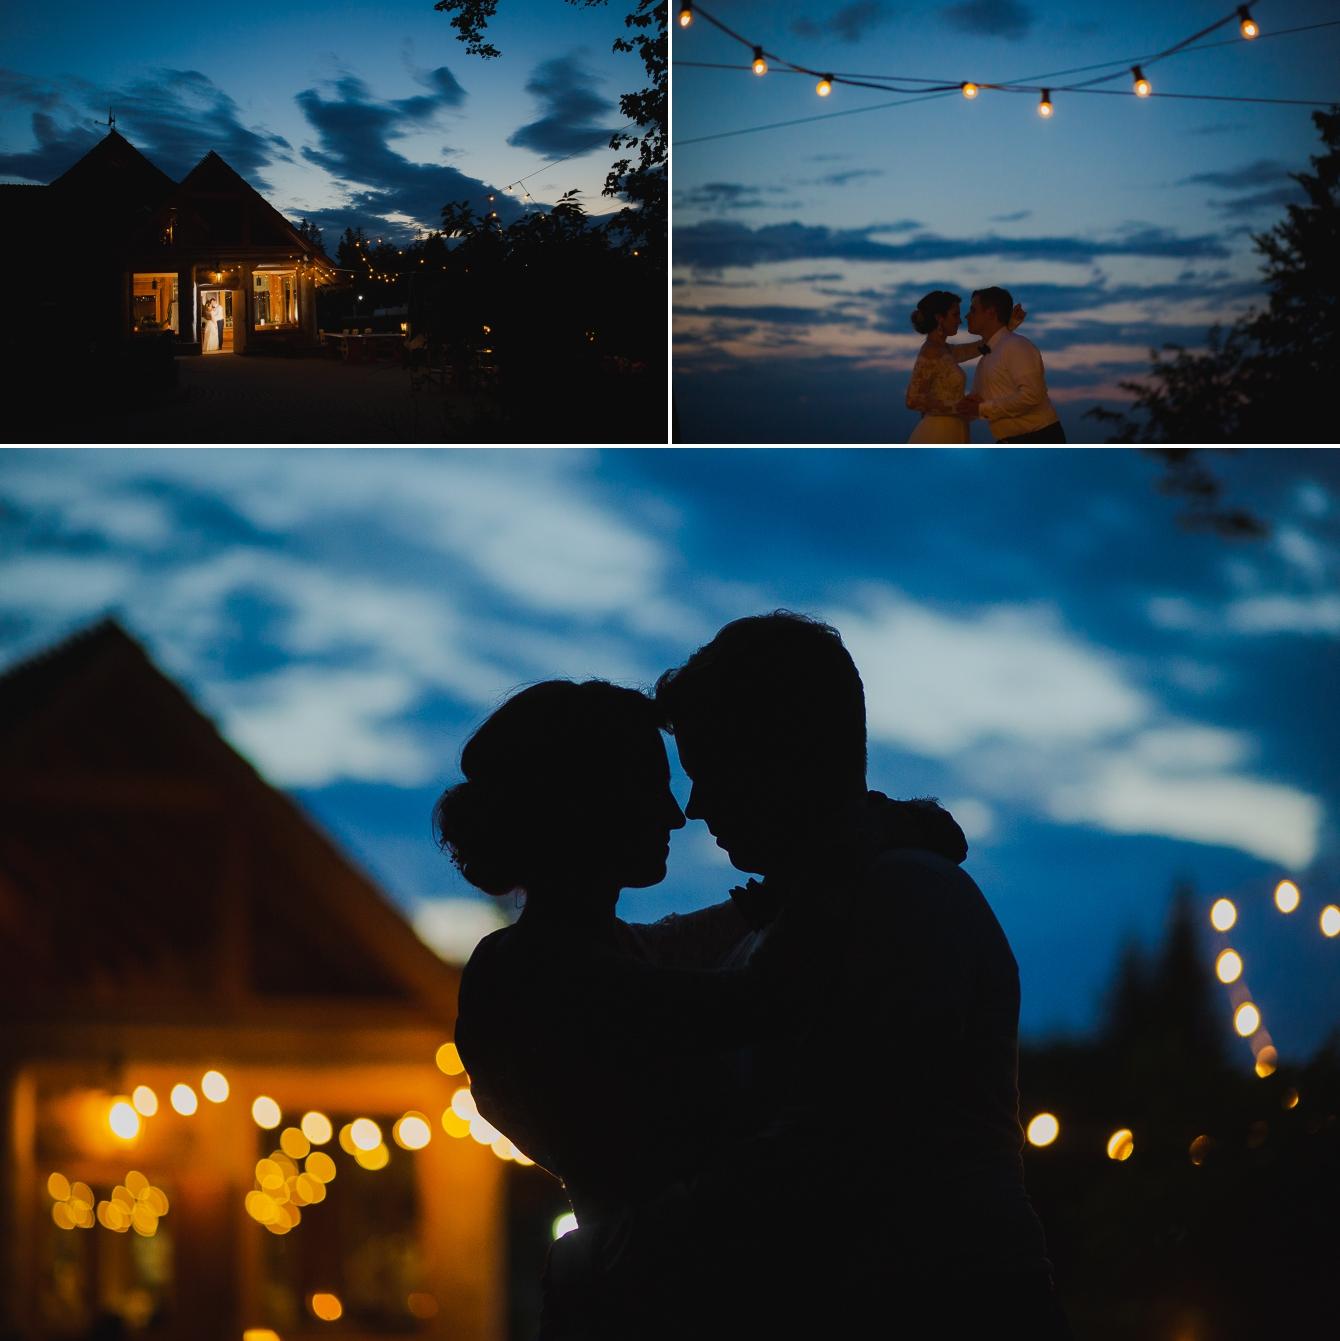 Ania i Damian - ślub w górach - Kocierz SPA - fotografia ślubna - bartek Wyrobek  (28).jpg